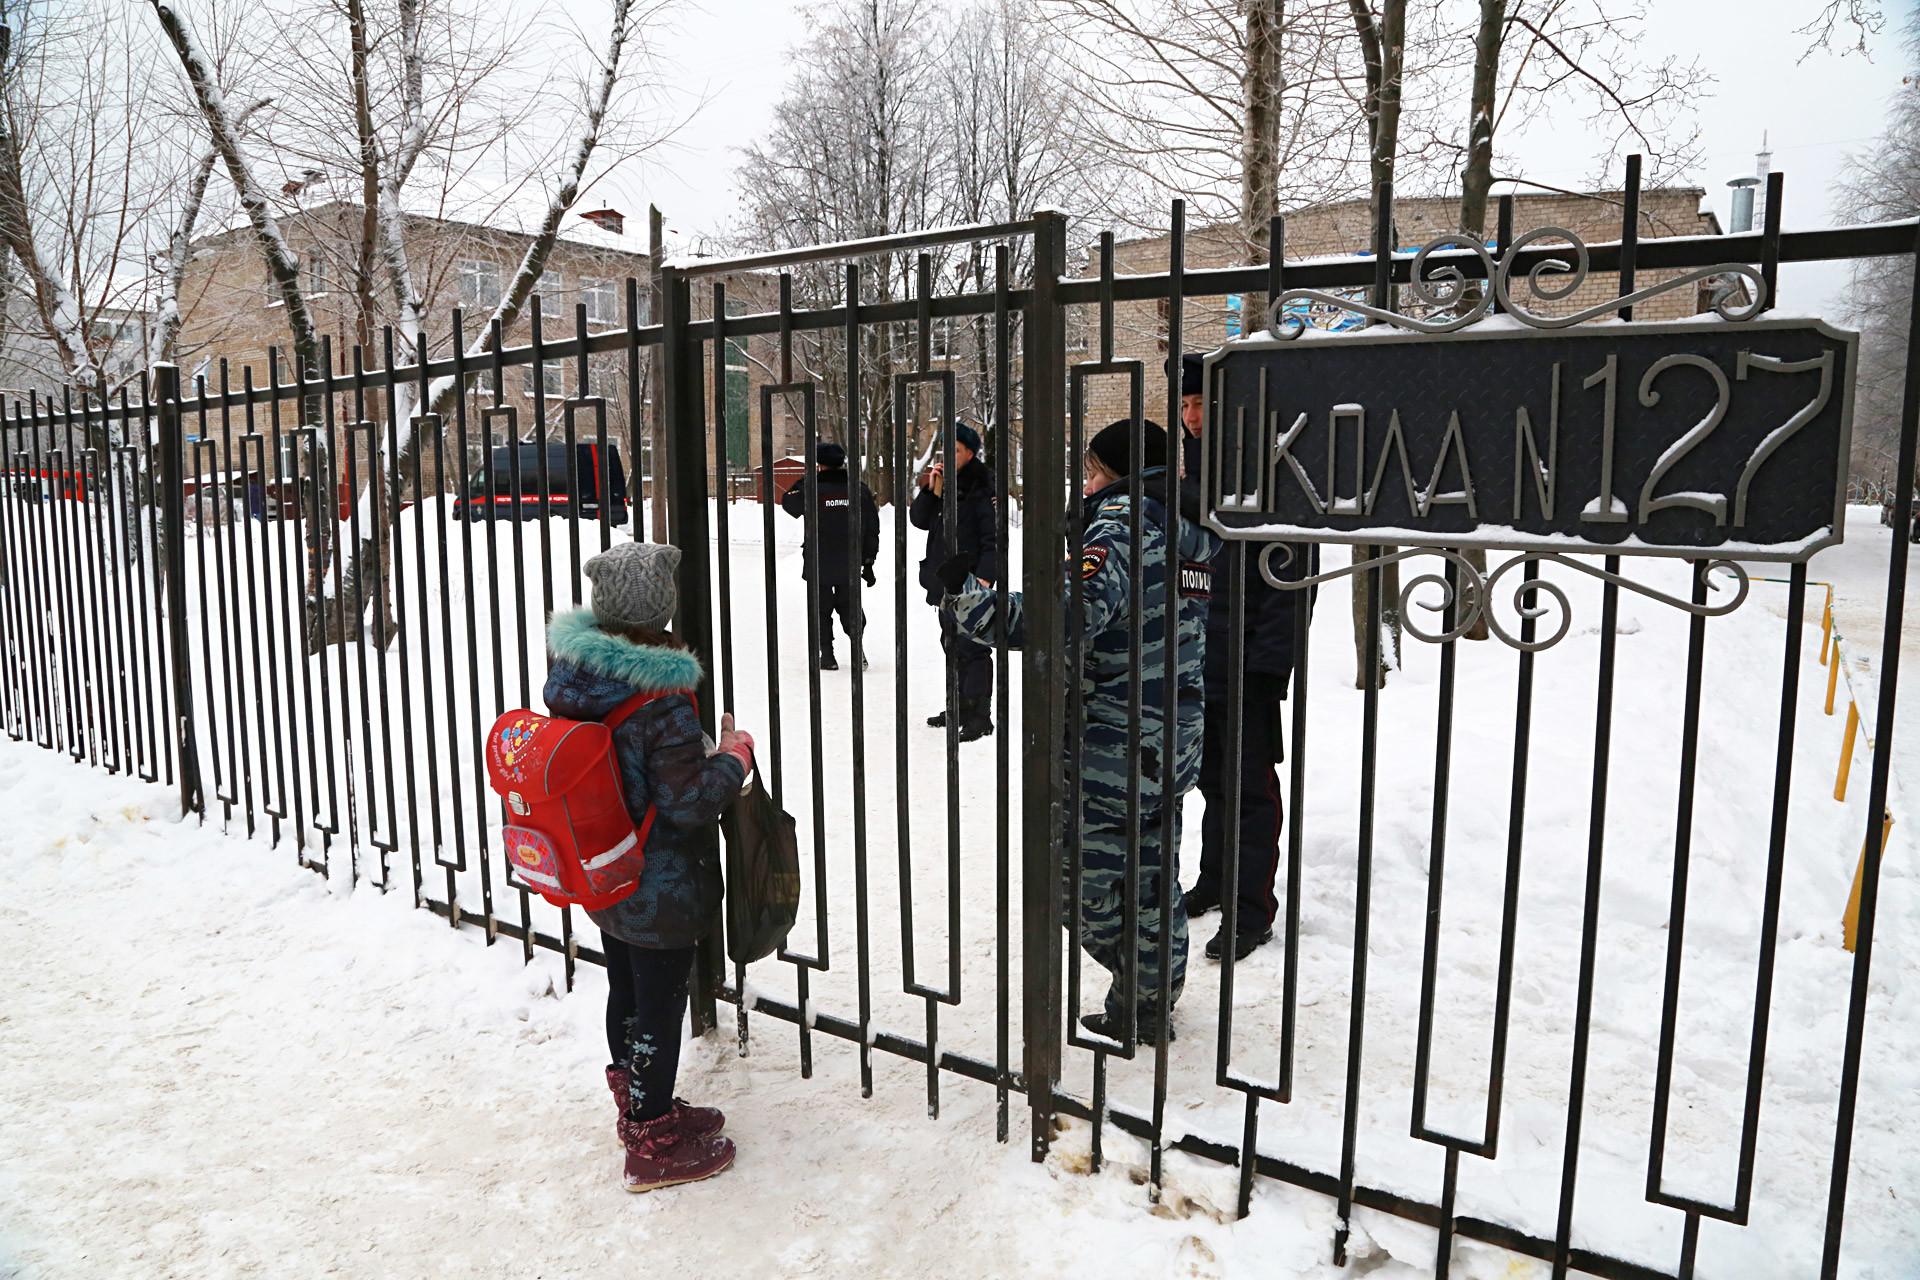 モスクワ東方1400キロのペルミ市第127番学校、1月15日。2人の16歳の少年が4年生のクラスを襲い、1人はナイフで女性教師の首に2回切りつけた。計15人が負傷している。